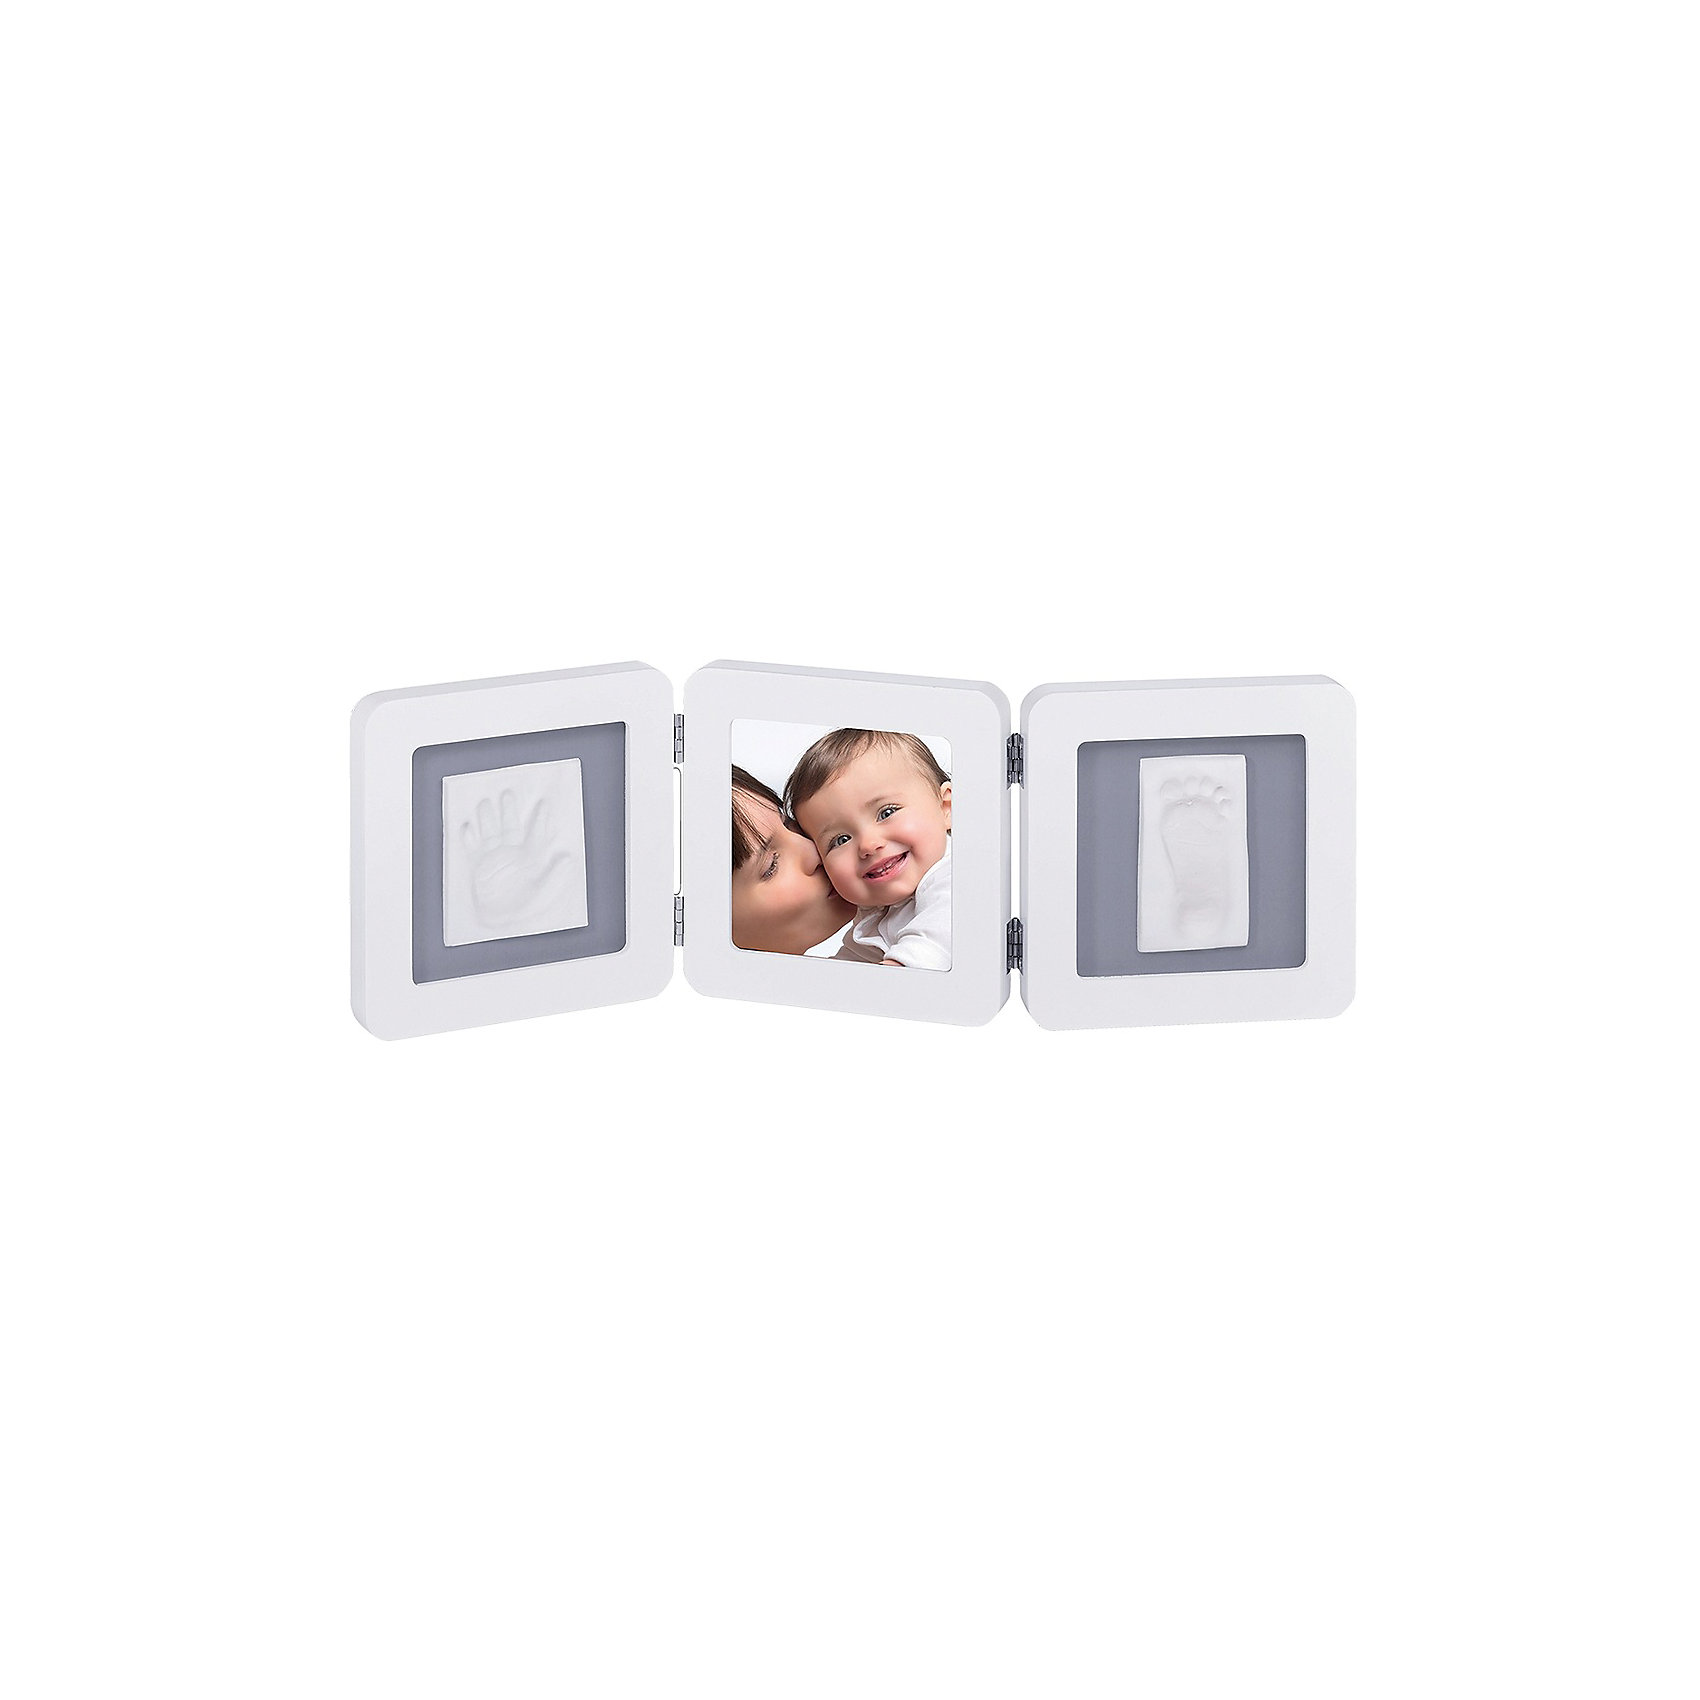 Фоторамка тройная, Baby Art, белый, подложка сераяСоздать объемный отпечаток ручки и ножки ребенка поможет набор Baby Art (Бейби Арт). Гипсовые отпечатки помещается в рамочку, между ними ставится фотография малыша. <br>Процесс создания слепка:<br>• материал надо размять руками и раскатать скалкой;<br>• оставить отпечаток ручки и ножки малыша;<br>• обрезать лишние края основы (желательно выравнивать края под линейку, сделать 4 среза);<br>• оставить гипс сохнуть;<br>• приклеить слепок в окошко рамки;<br>• поместить фотографию ребенка в соседнее окошко.<br><br>Дополнительная информация:<br><br>Размер одной створки: 17х17 см<br>Комплектация набора «Double Print Frame»:<br>• тройная фоторамка Модерн;<br>• гипсовый слепок;<br>• скалка;<br>• двусторонняя клейкая лента;<br>• инструкция. <br>Фоторамку тройную, Baby Art, белую, подложка серая можно купить в нашем интернет-магазине.<br><br>Ширина мм: 197<br>Глубина мм: 182<br>Высота мм: 99<br>Вес г: 1111<br>Цвет: белый<br>Возраст от месяцев: 0<br>Возраст до месяцев: 12<br>Пол: Унисекс<br>Возраст: Детский<br>SKU: 3924540